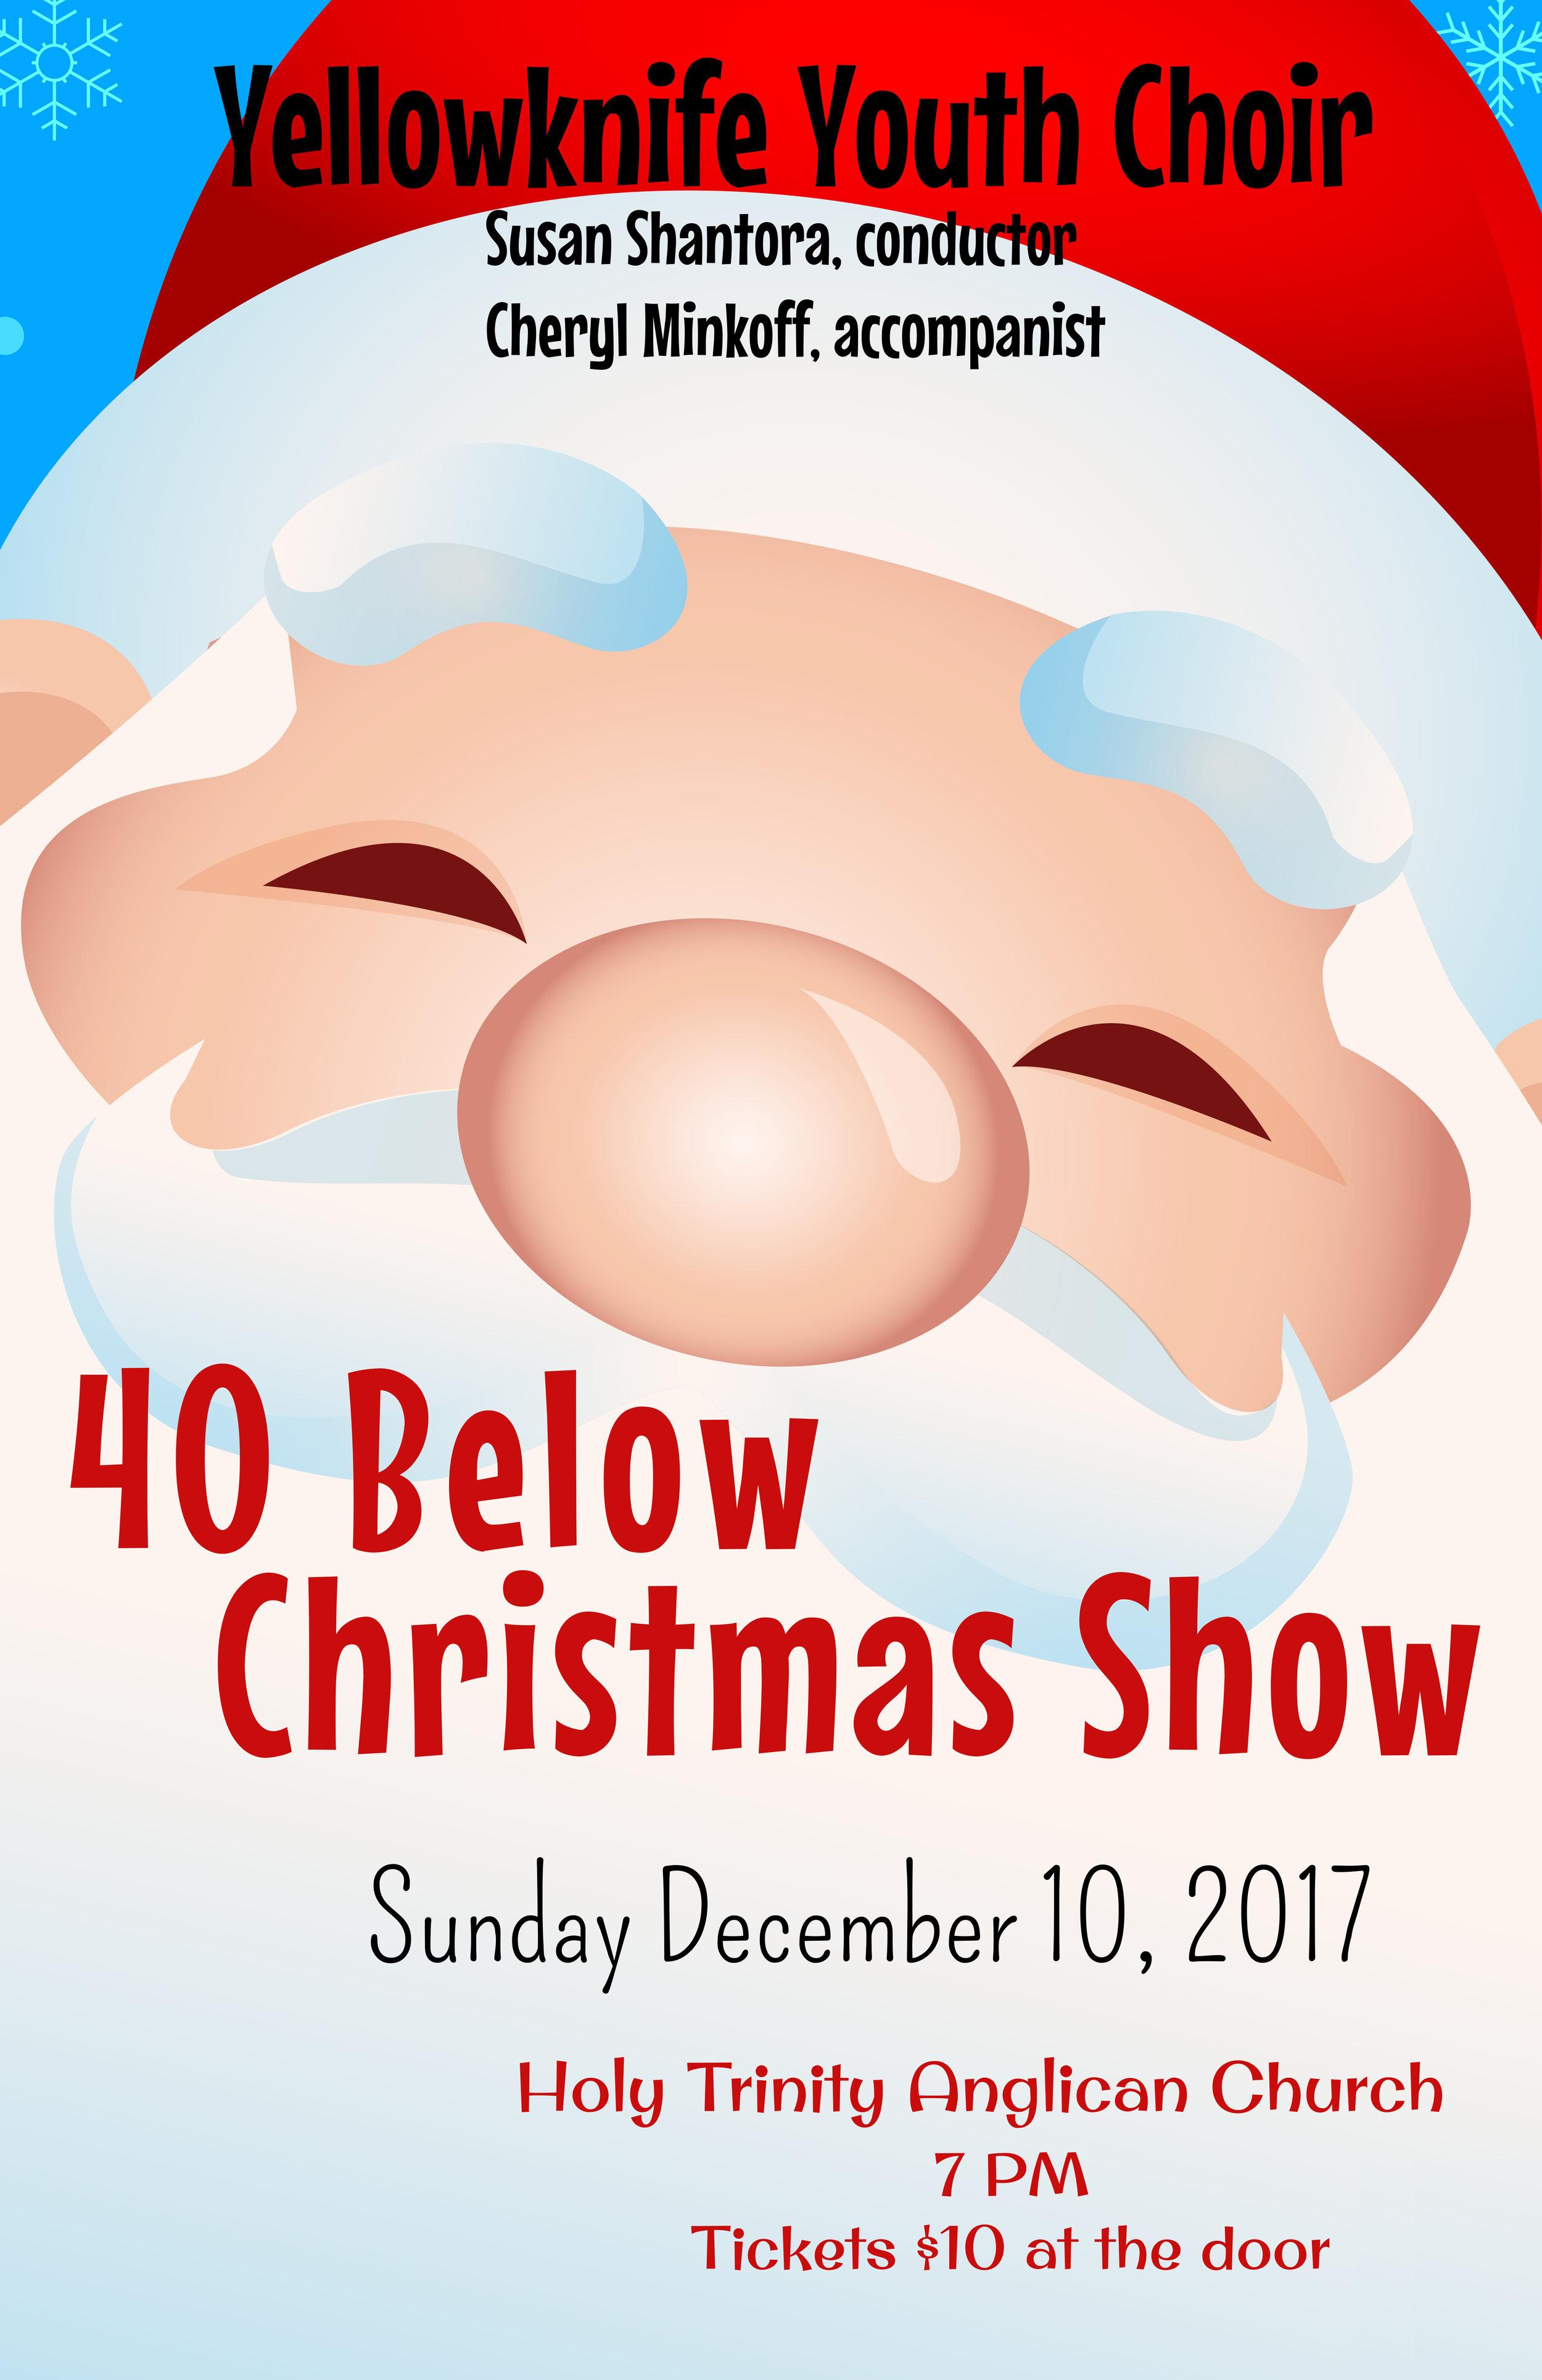 40 Below Christmas Show.jpg